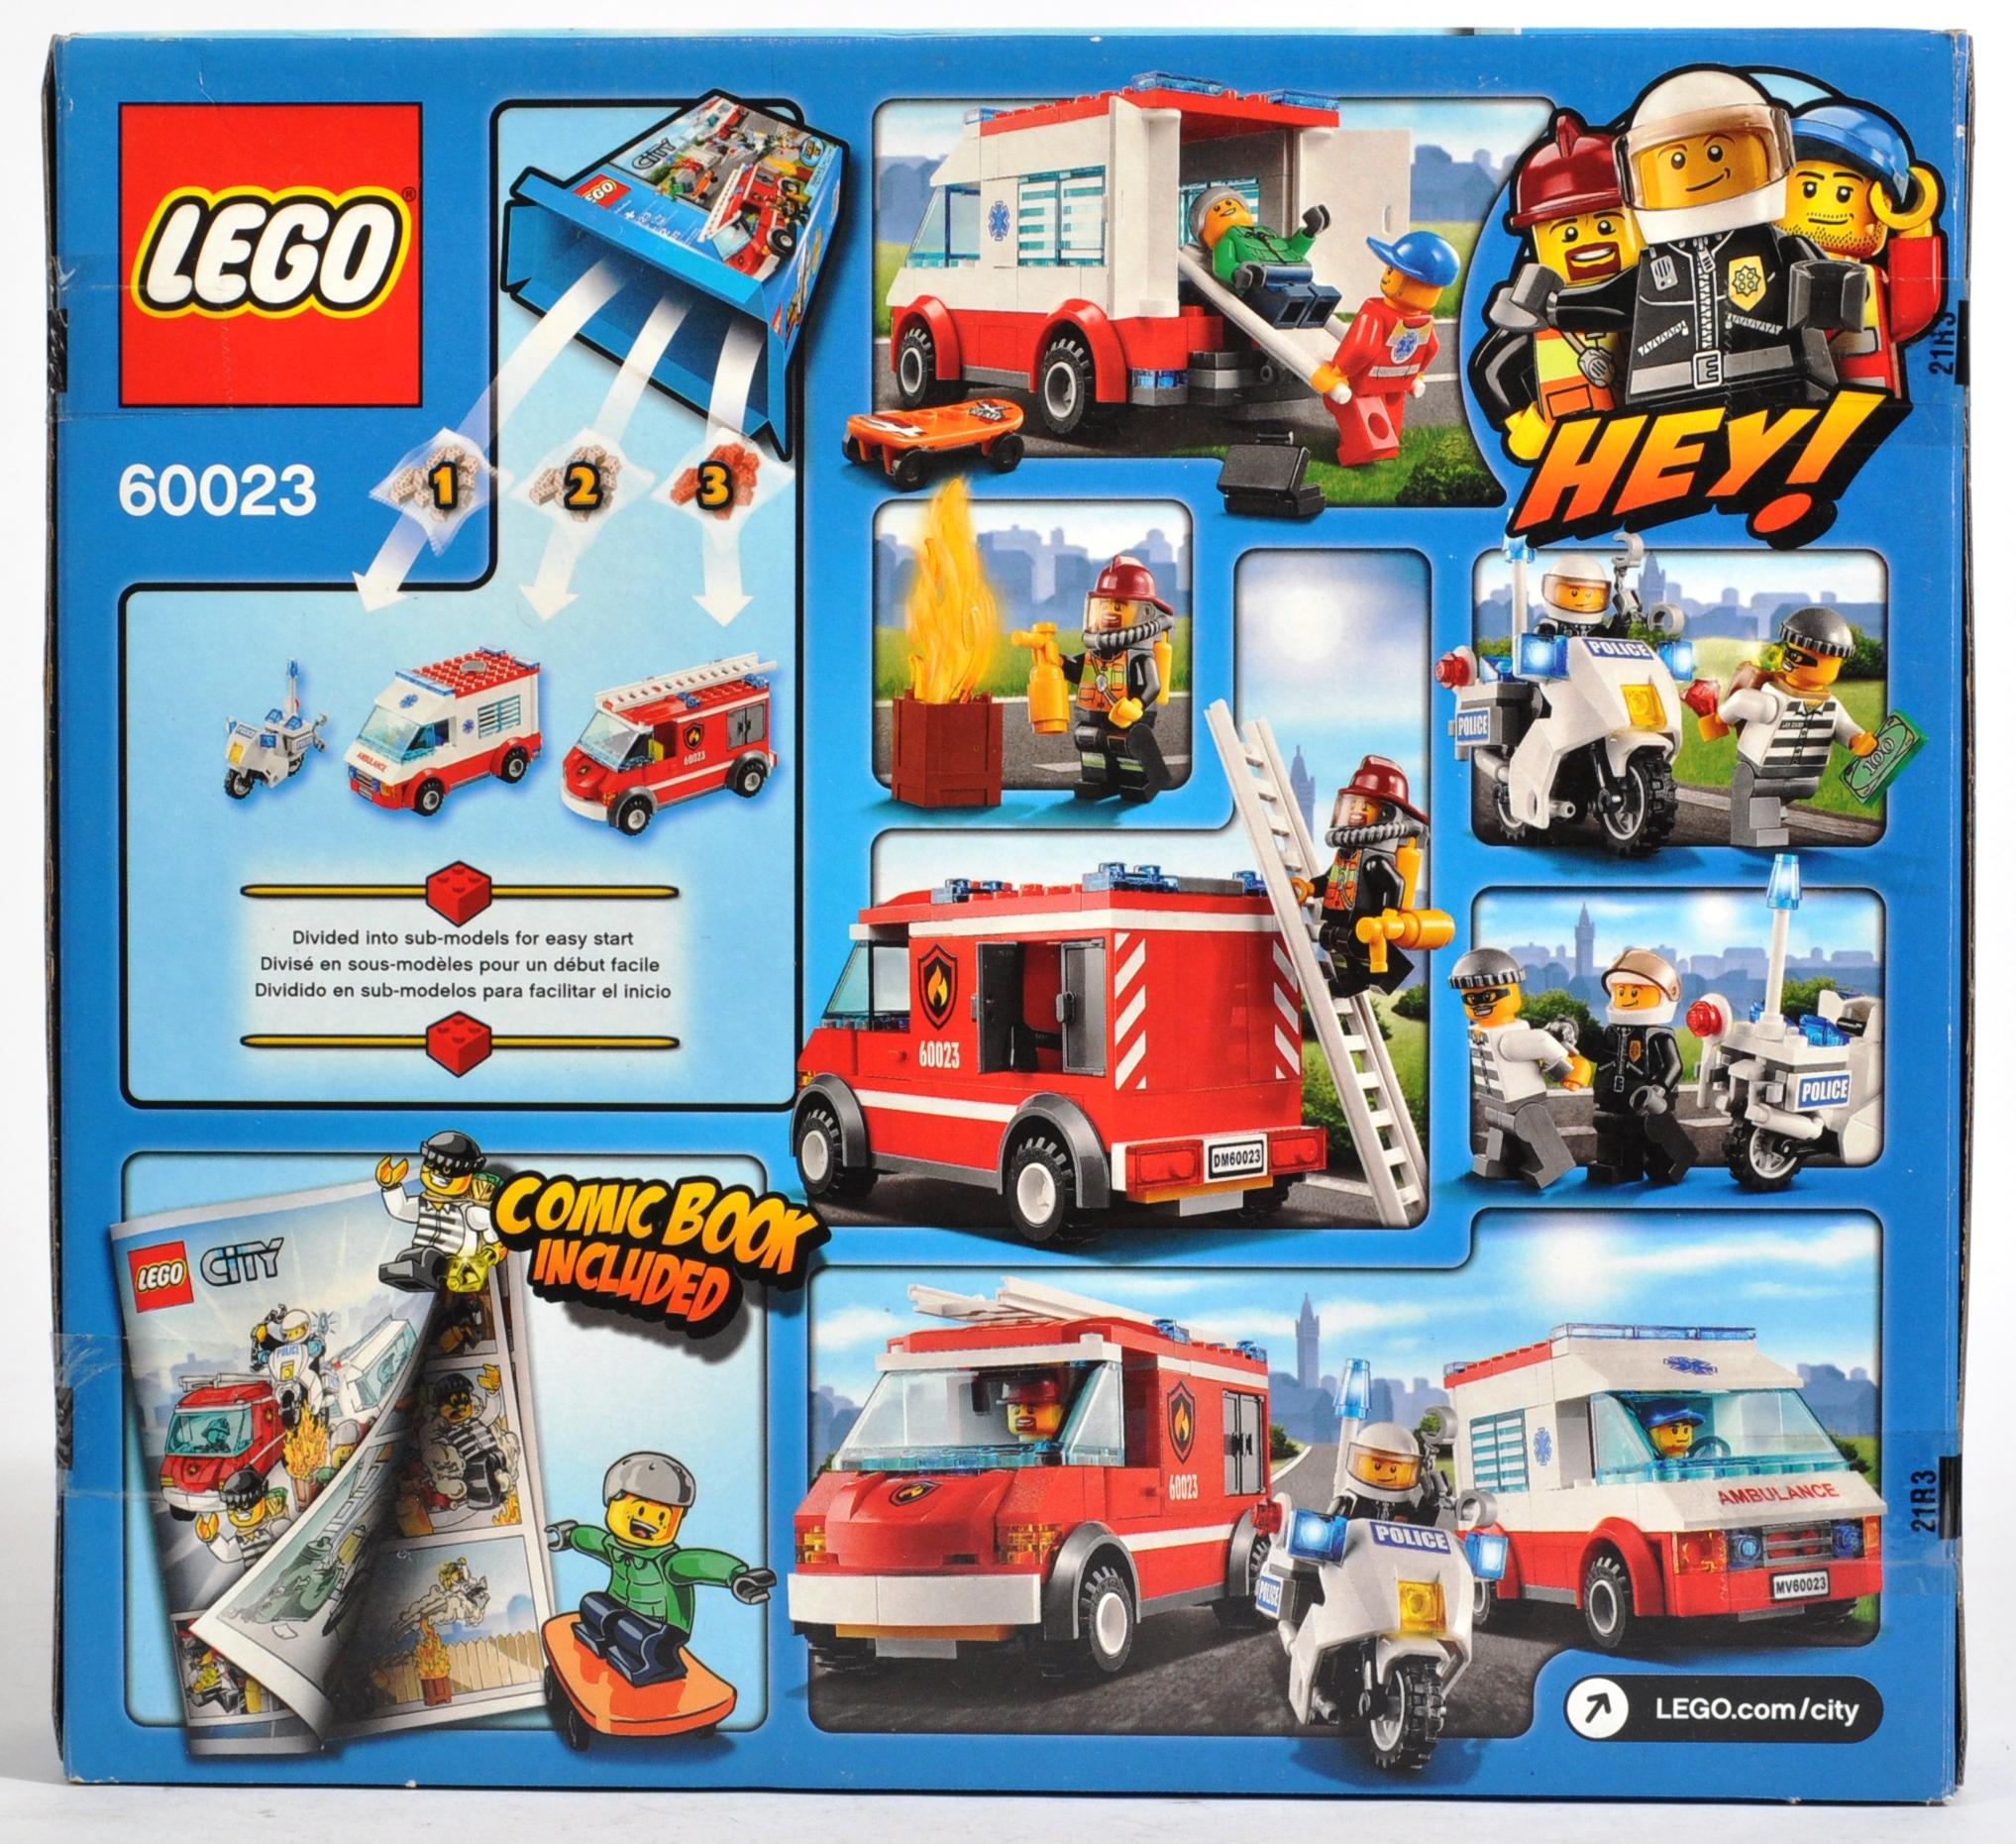 LEGO SETS - LEGO CITY - 60023 / 60056 / 60223 - Image 8 of 11